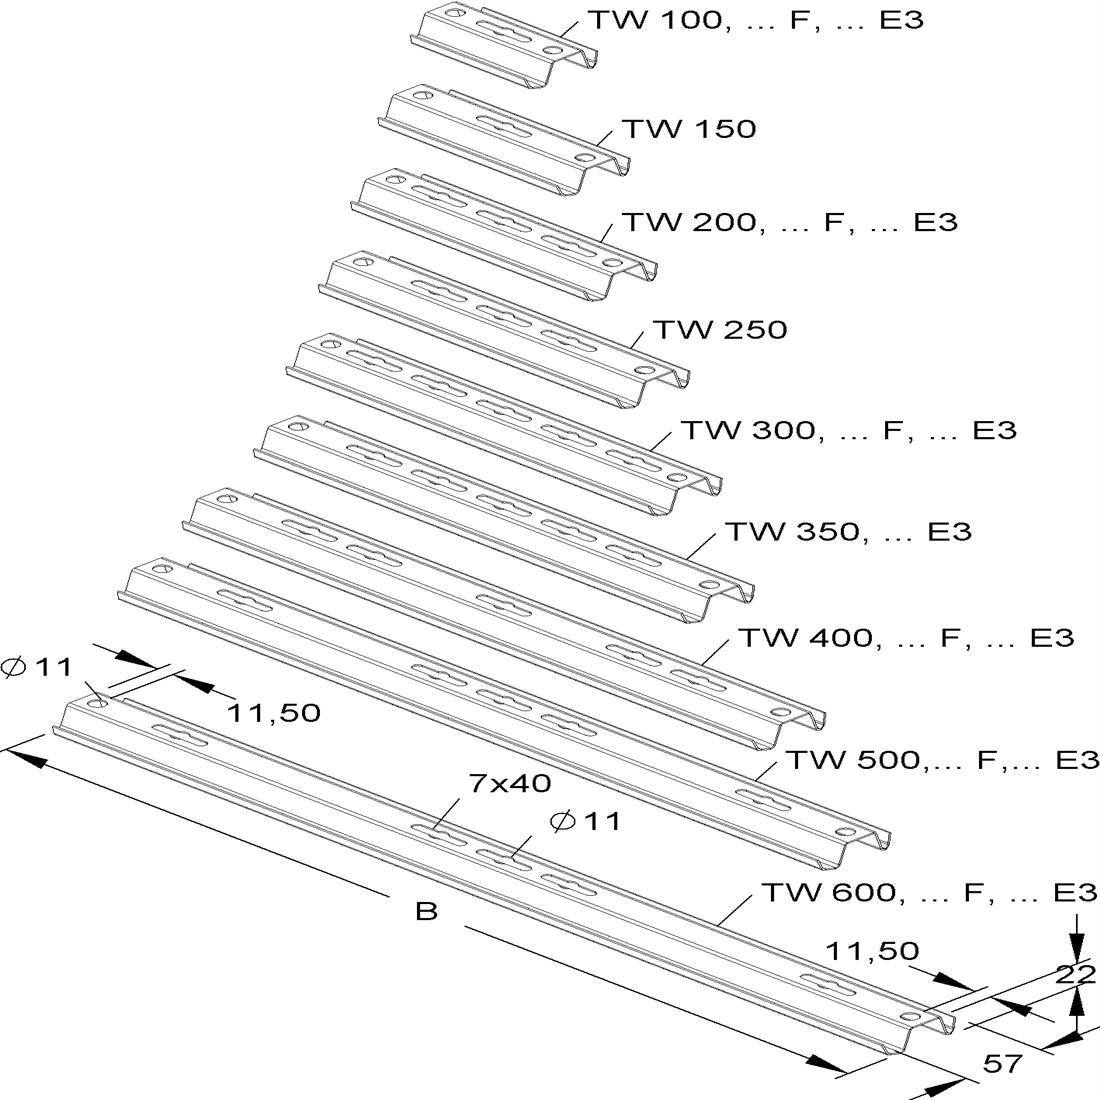 Niedax Kleinhuis kabelgoot ophangrail voor 500 mm breed TW500